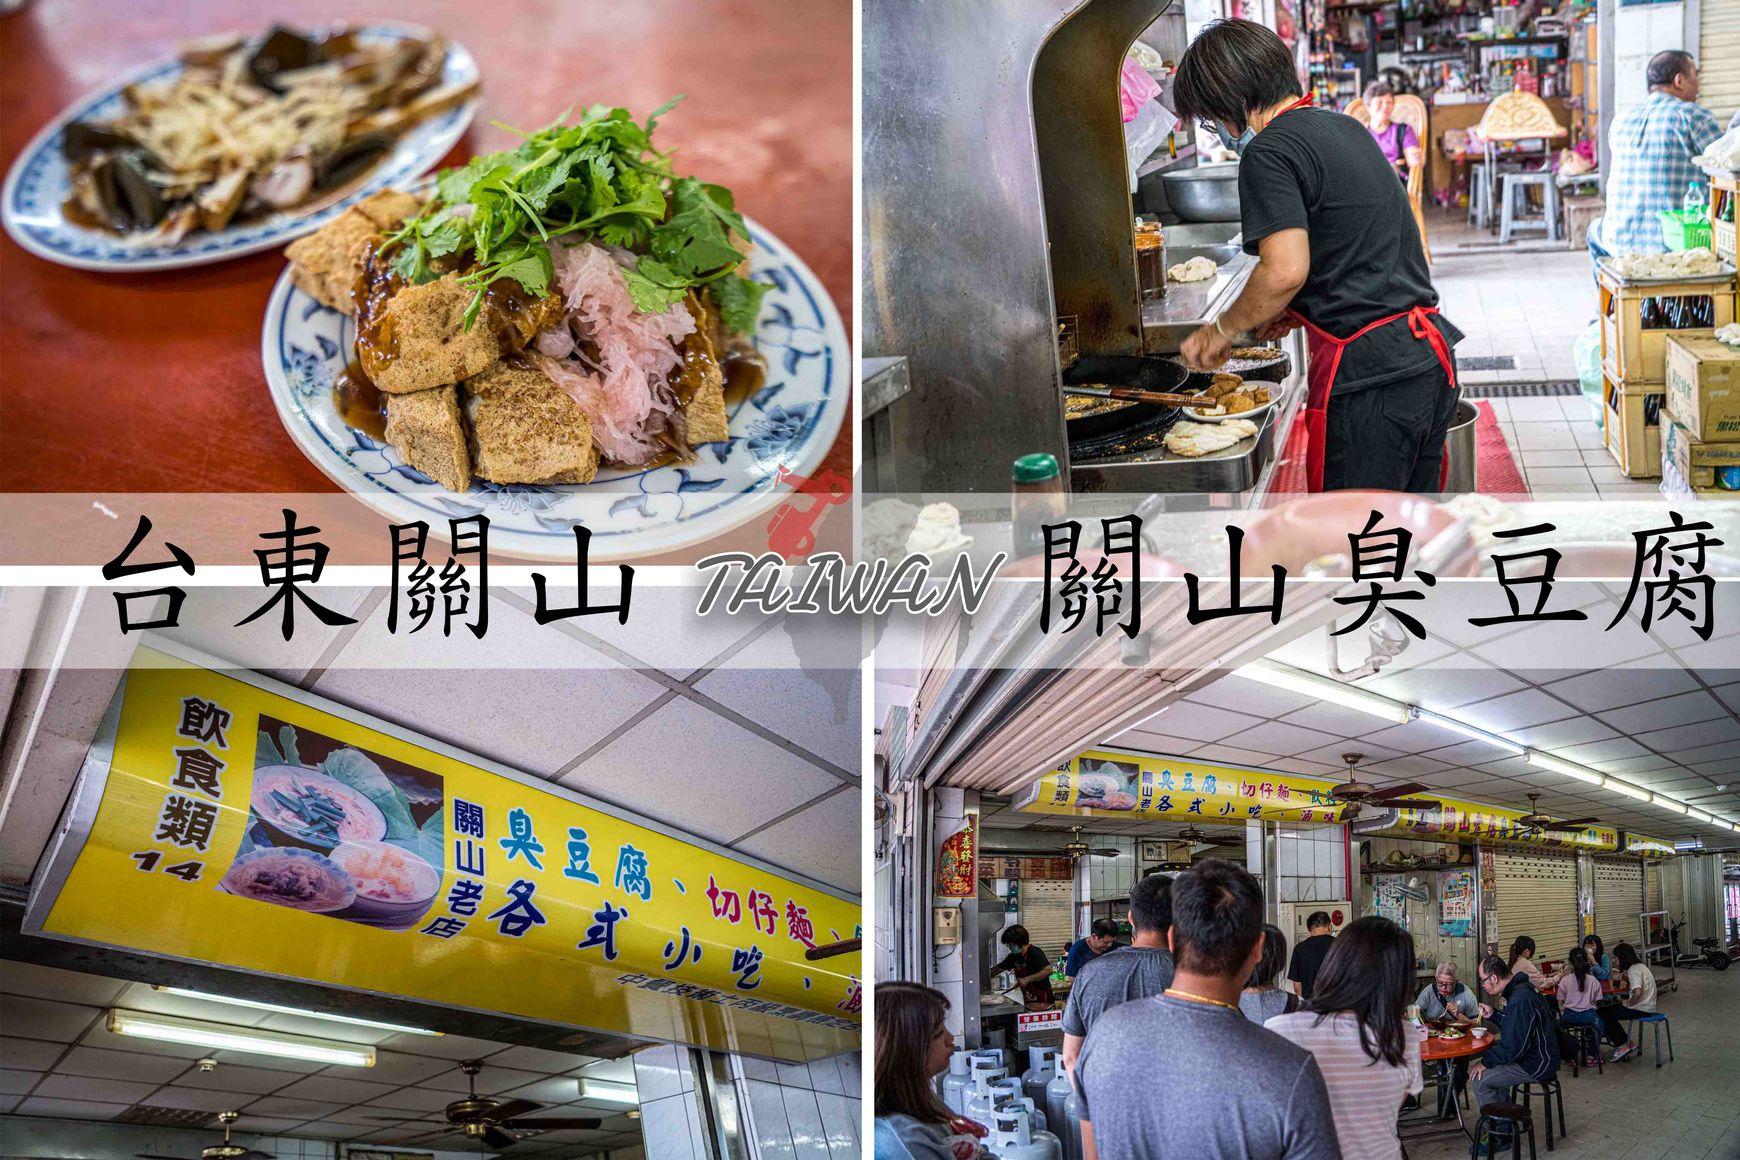 『台東關山小吃』飄香將近半世紀,網友推薦必吃美食,關山臭豆腐|菜單、店家位置、心得分享